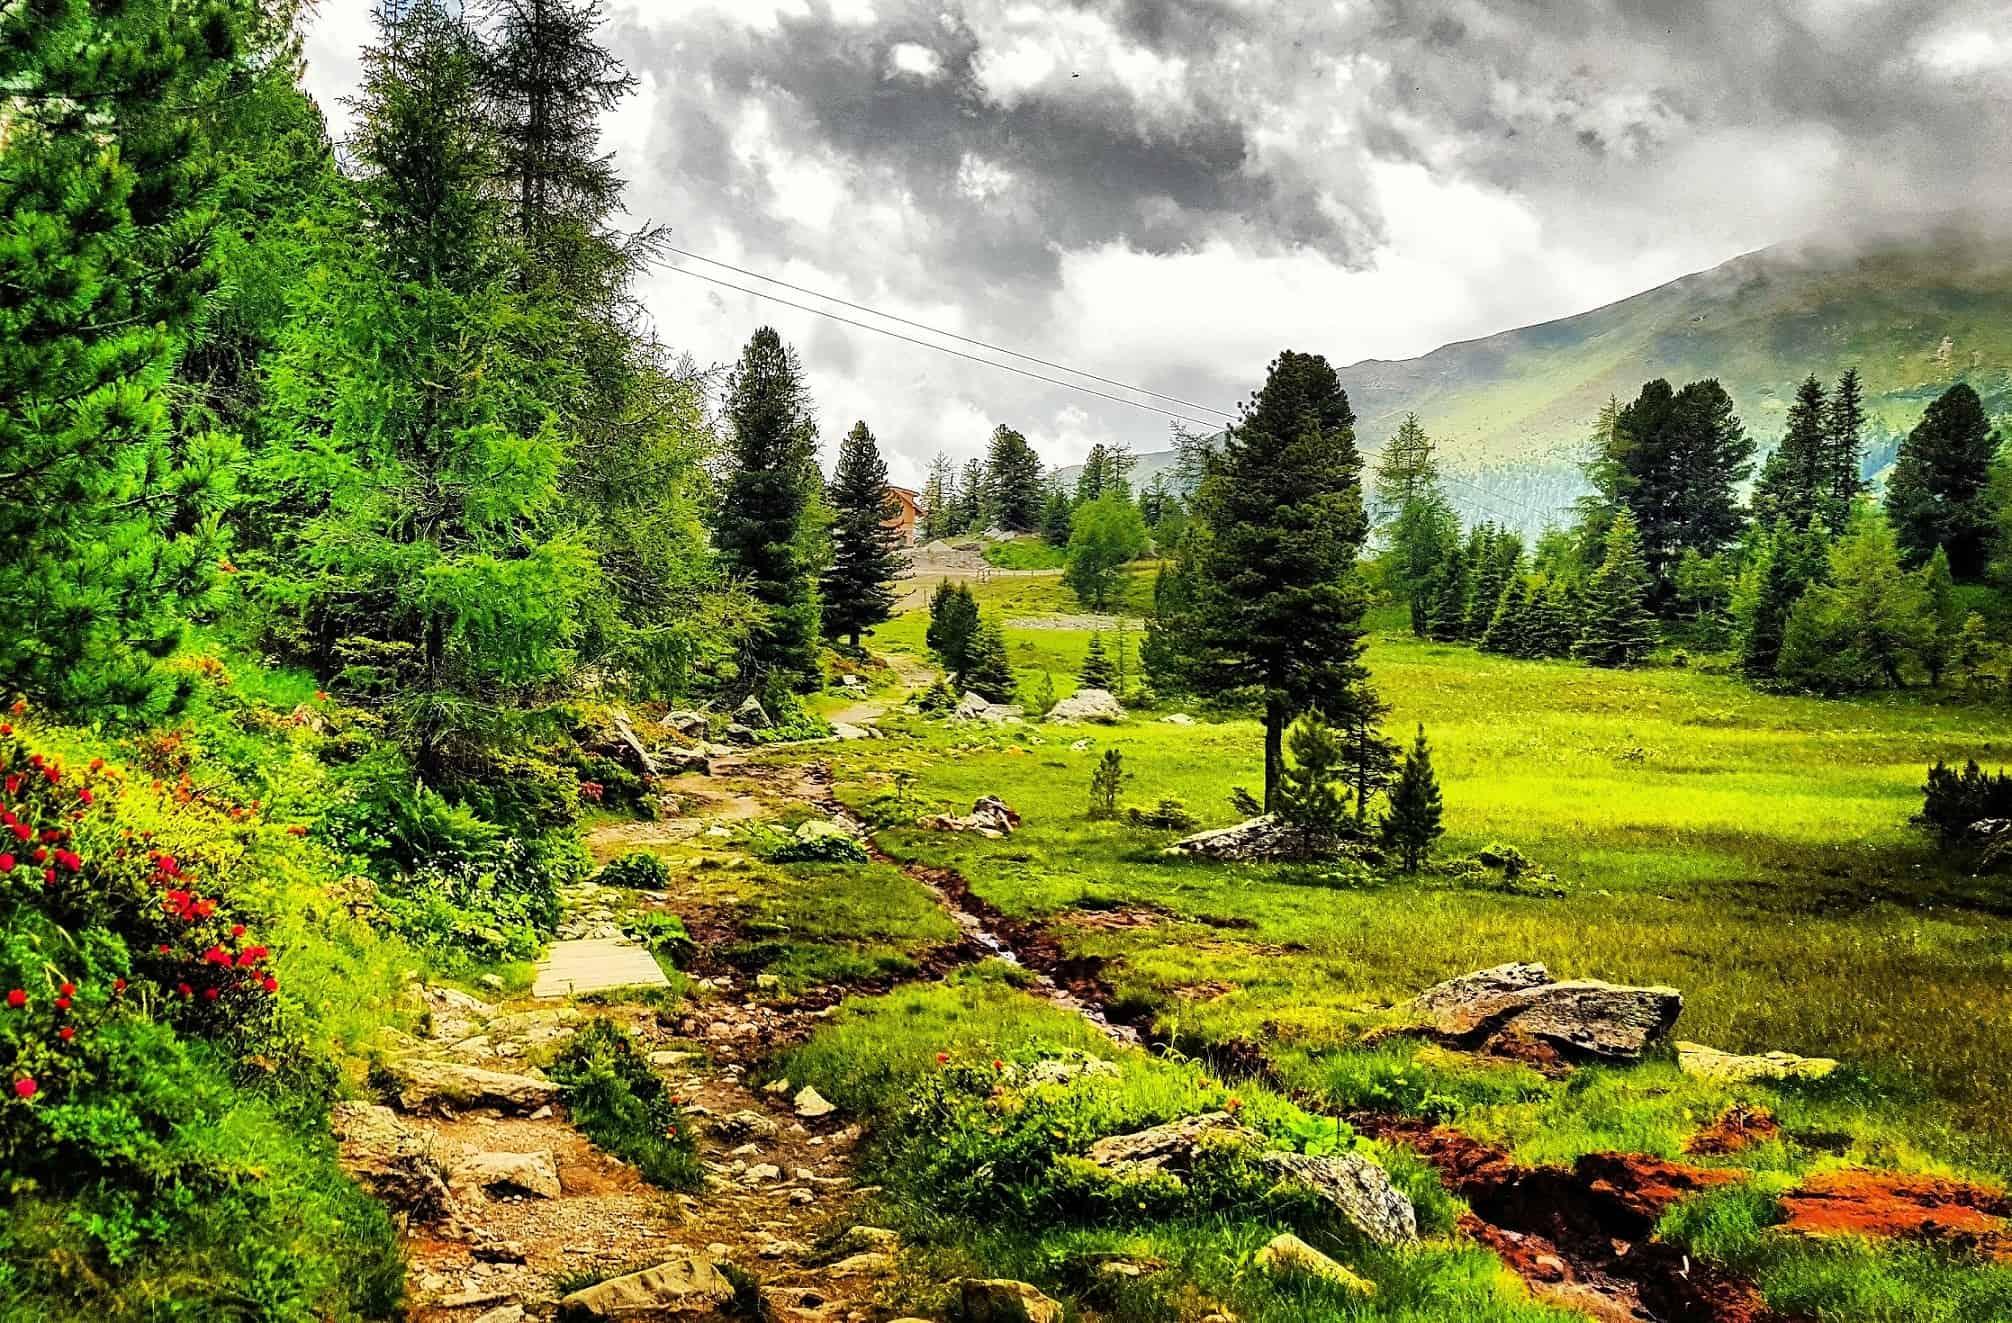 schöner Wanderweg in den Nockbergen - Ausflugstipp bei Regenwetter in Kärnten auf die Turracher Höhe - Österreich